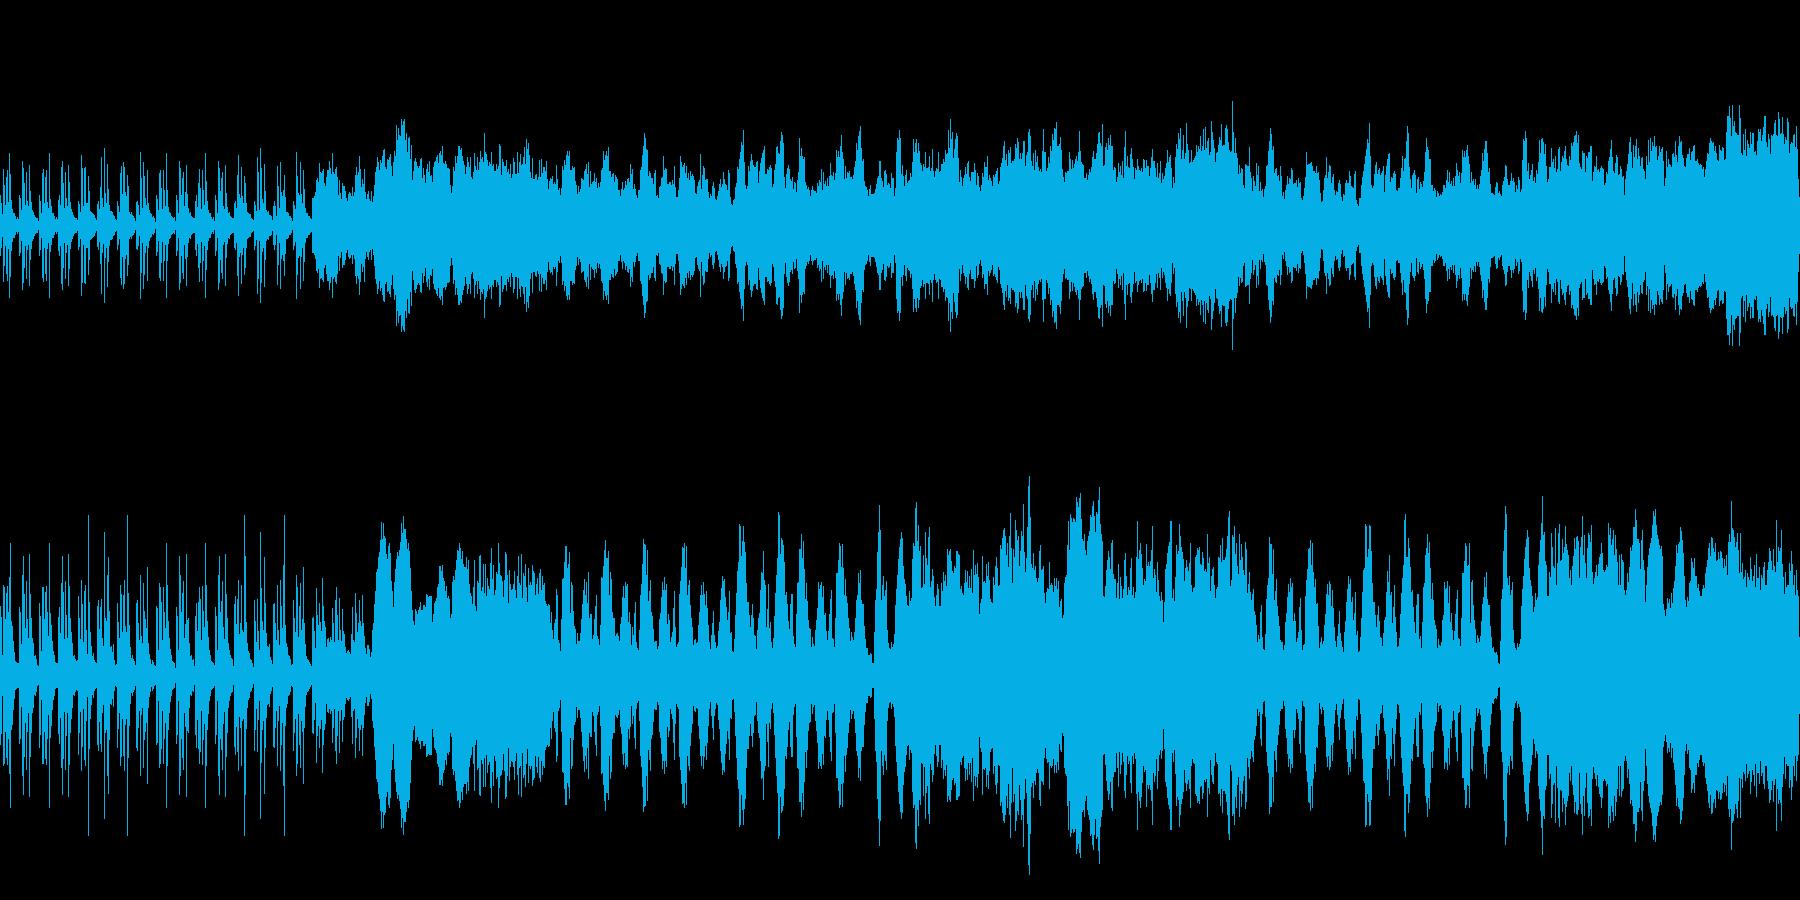 映像 ナレーション RPG 上品 ループの再生済みの波形